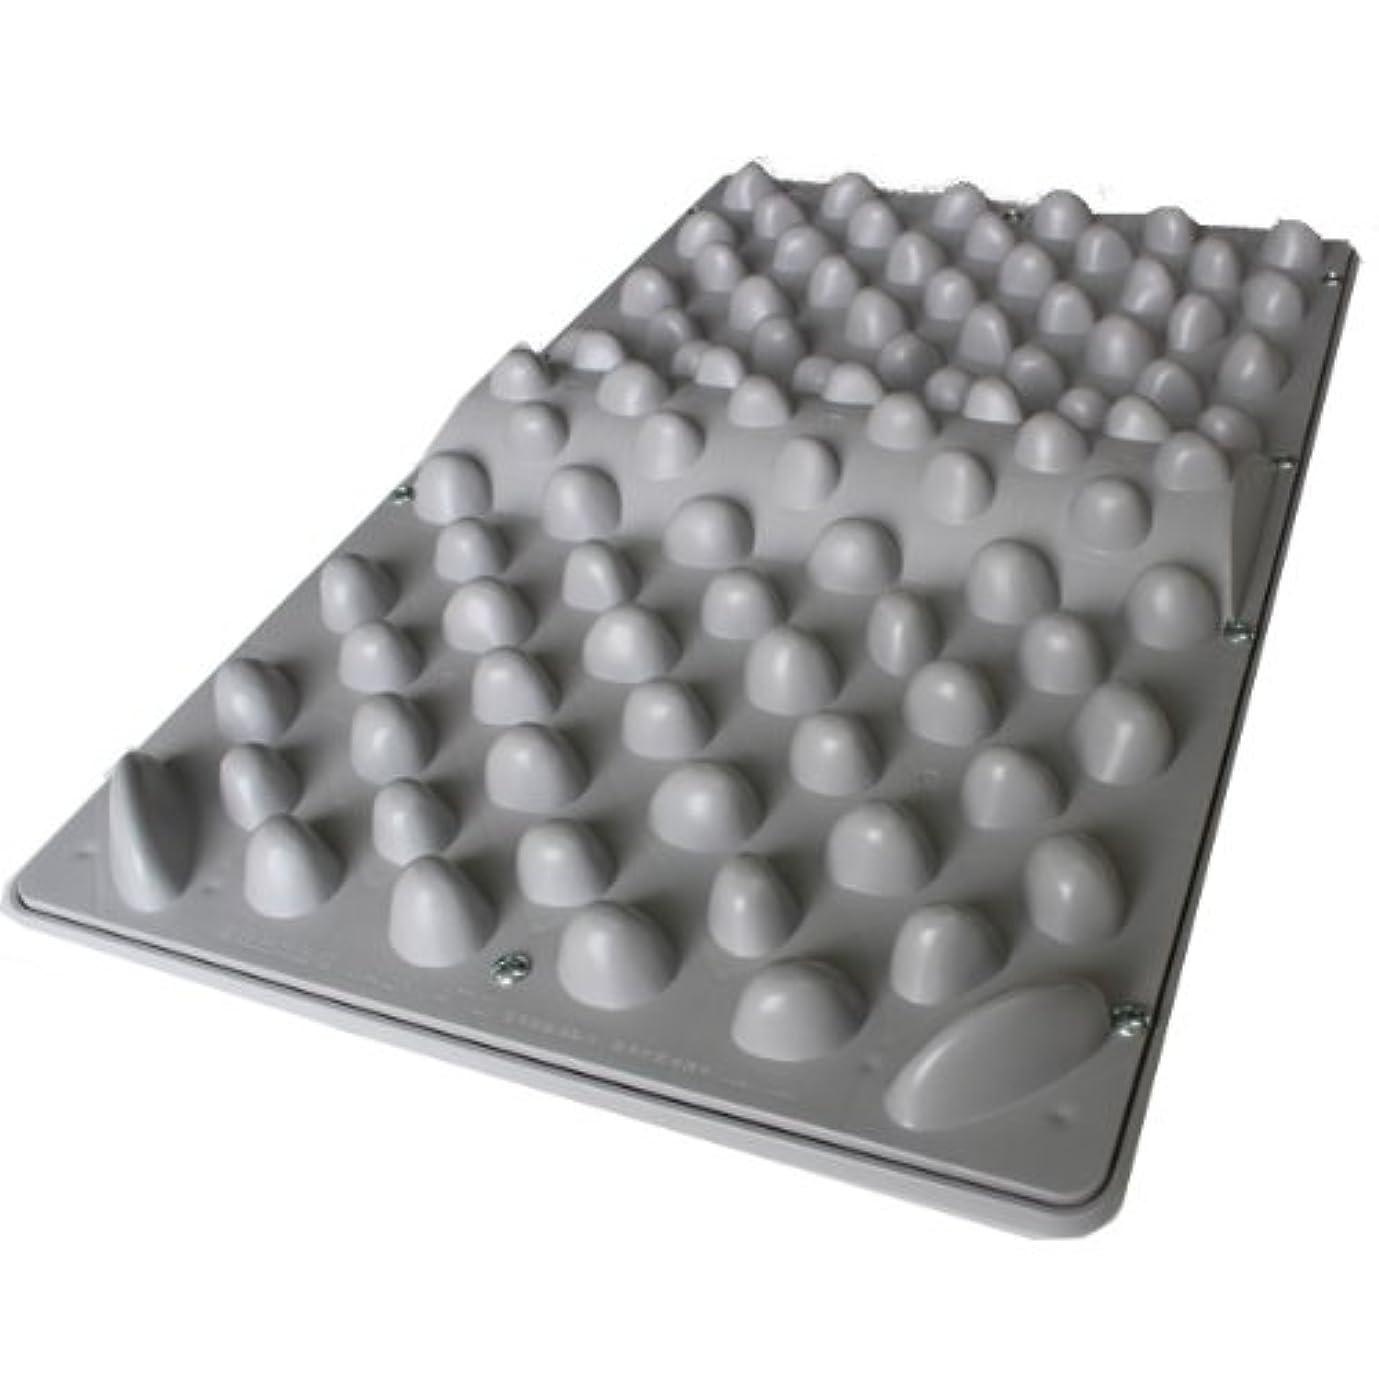 達成釈義余分な官足法 ウォークマットⅡ 裏板セット(ABS樹脂製補強板付き)